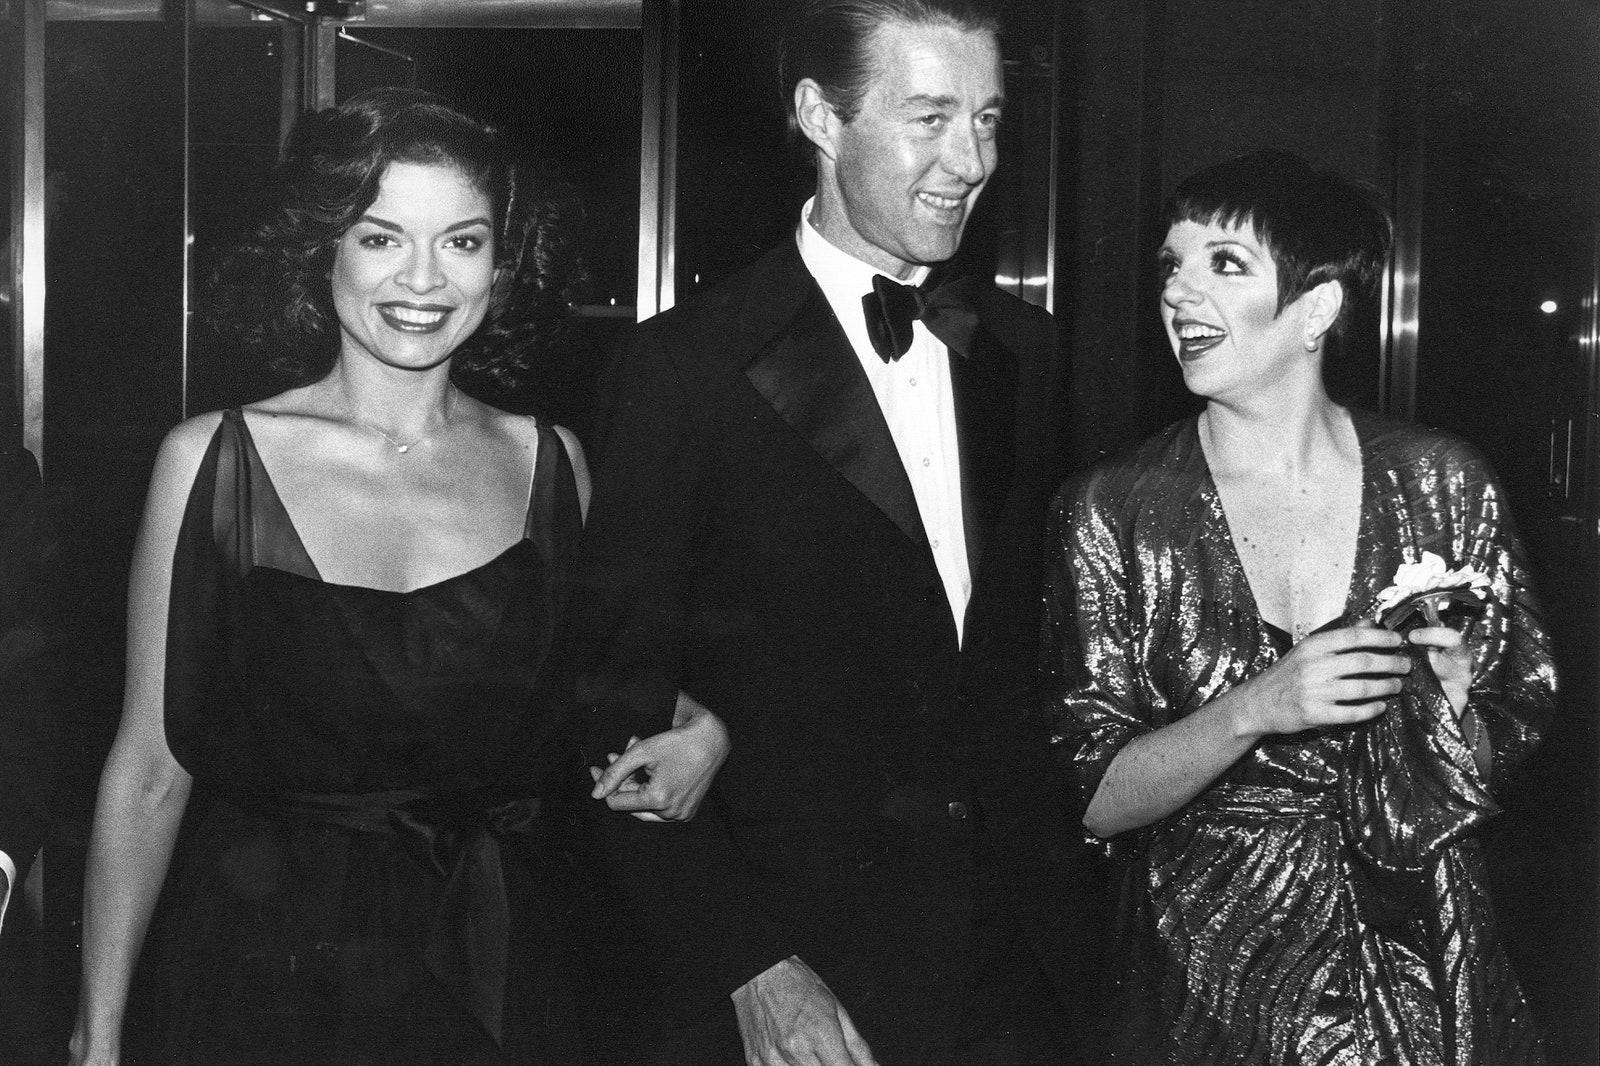 Bianca Jagger, Halston và Liza Minelli trở về căn hộ của Halston tại Olympic Towers sau một đêm ăn chơi tại Studio 54 ở New York, năm 1979. Ảnh: Vinnie Zuffante